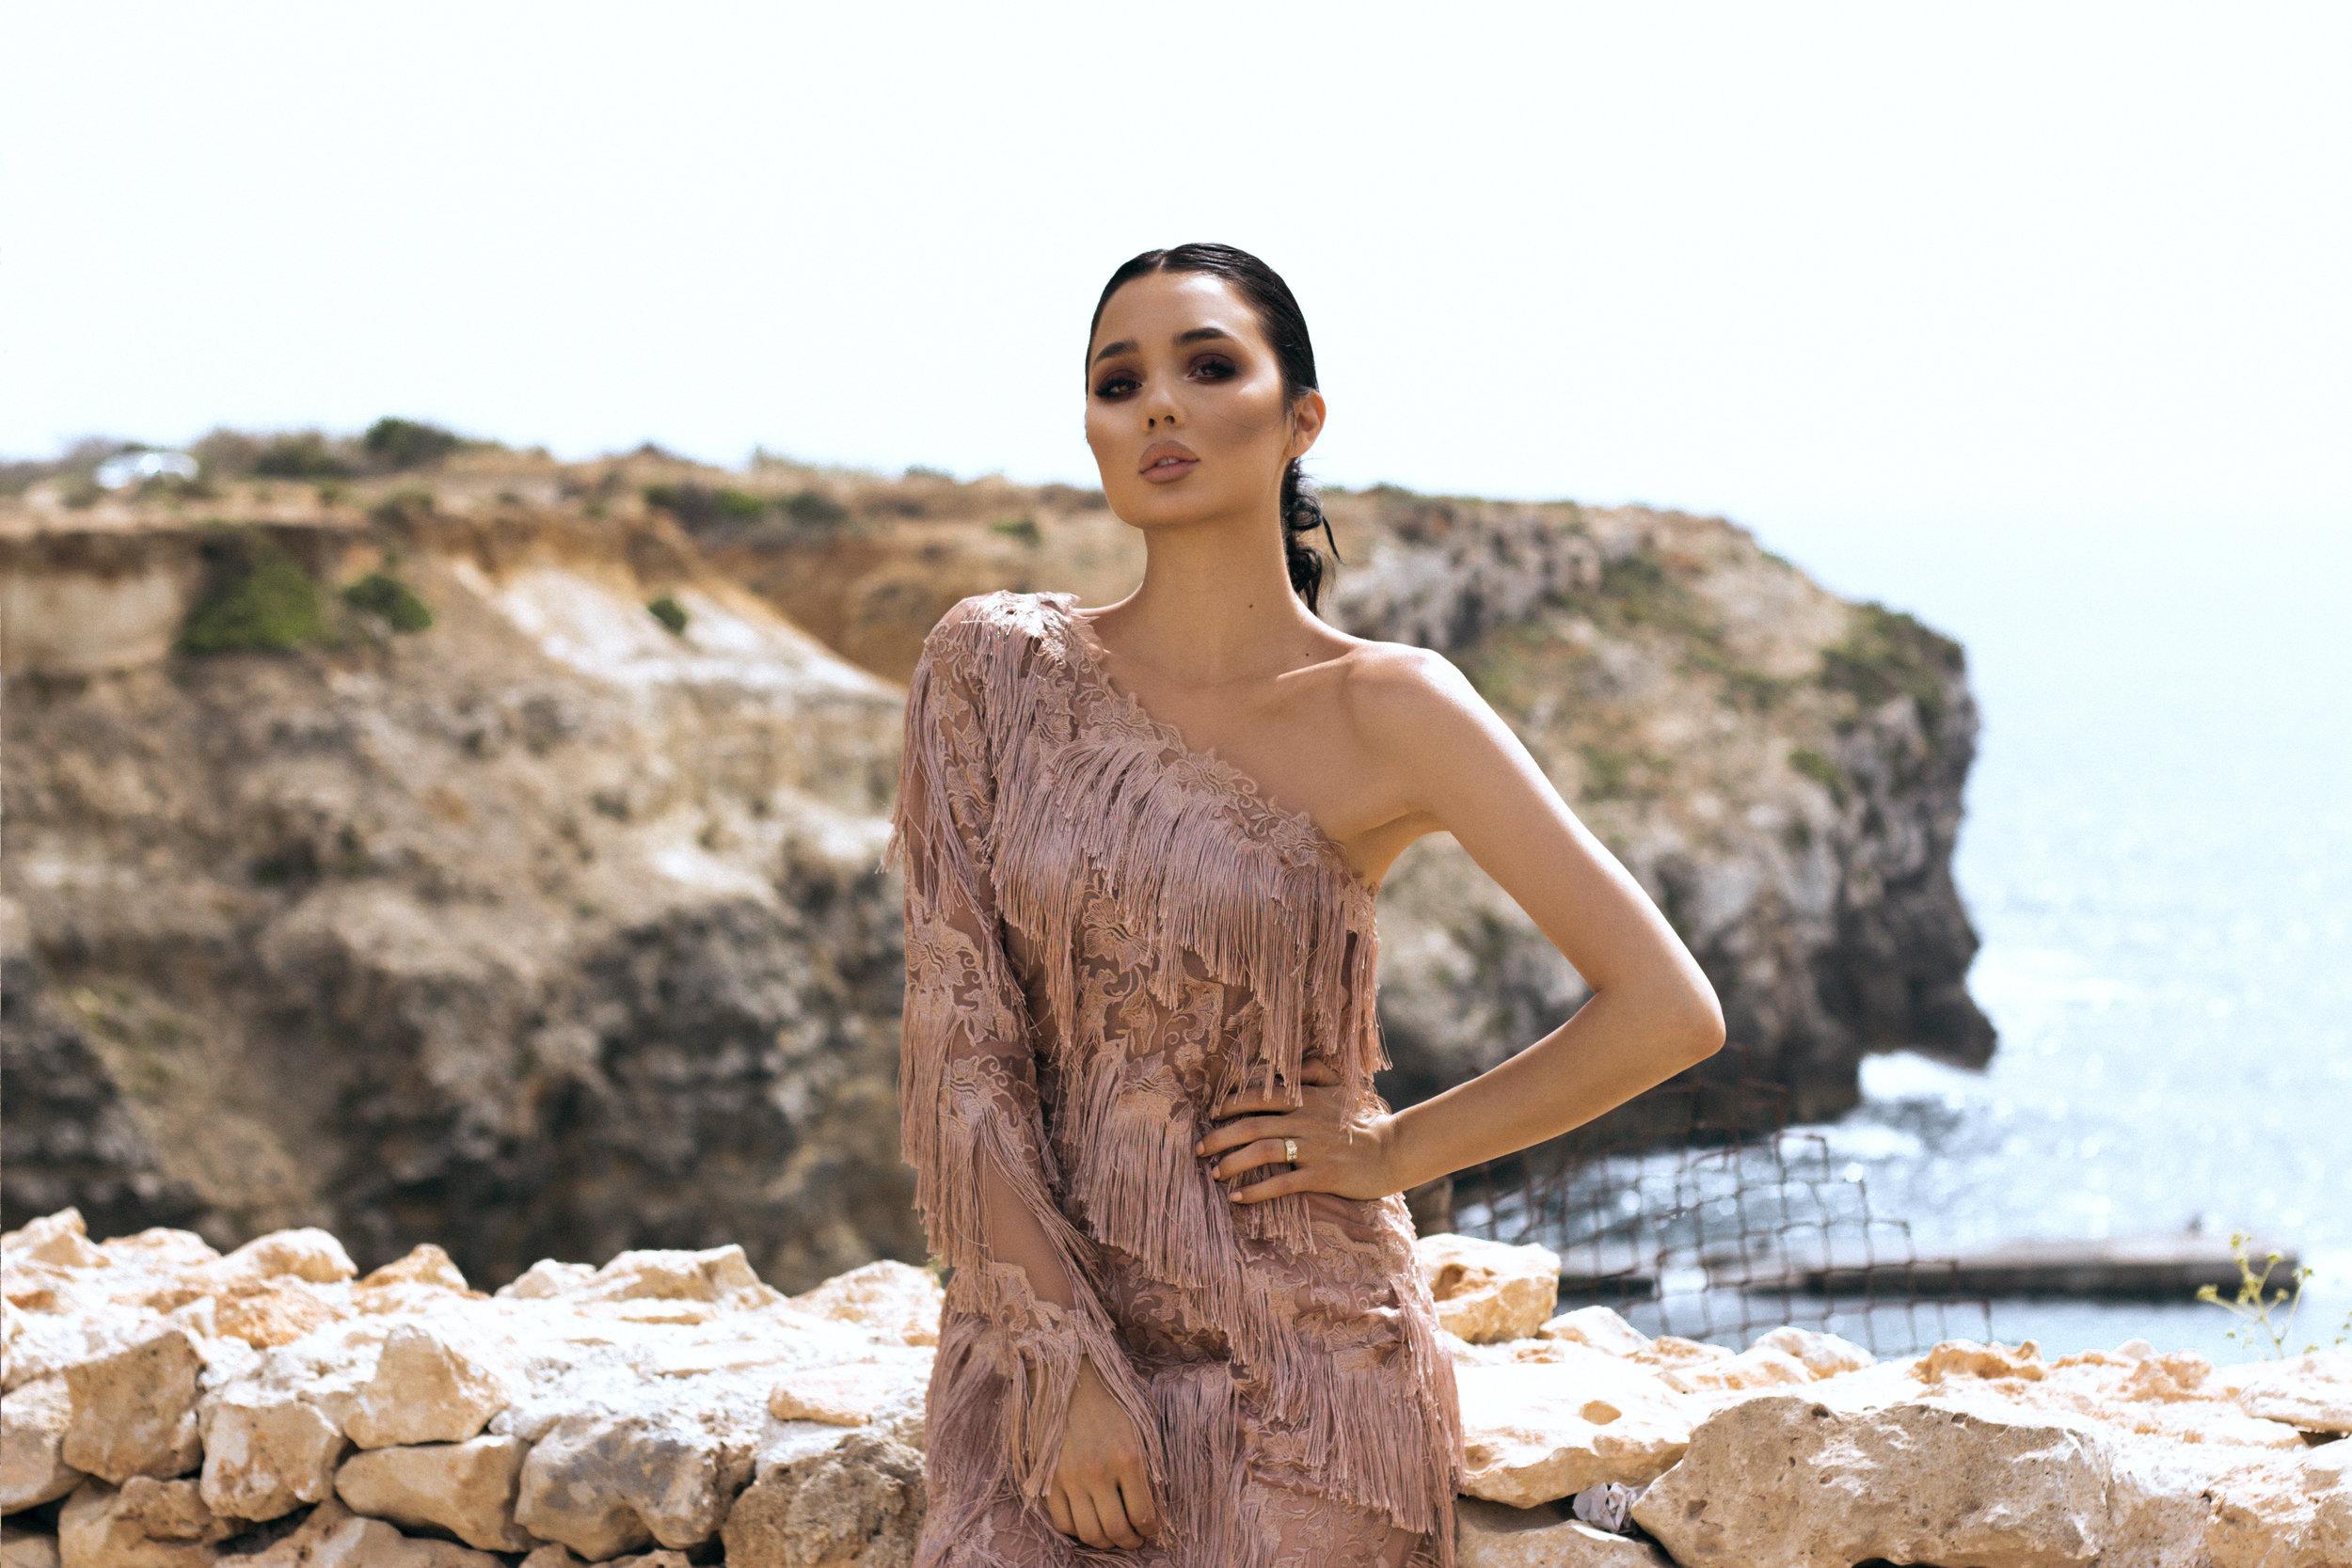 Diana Rogo Malta